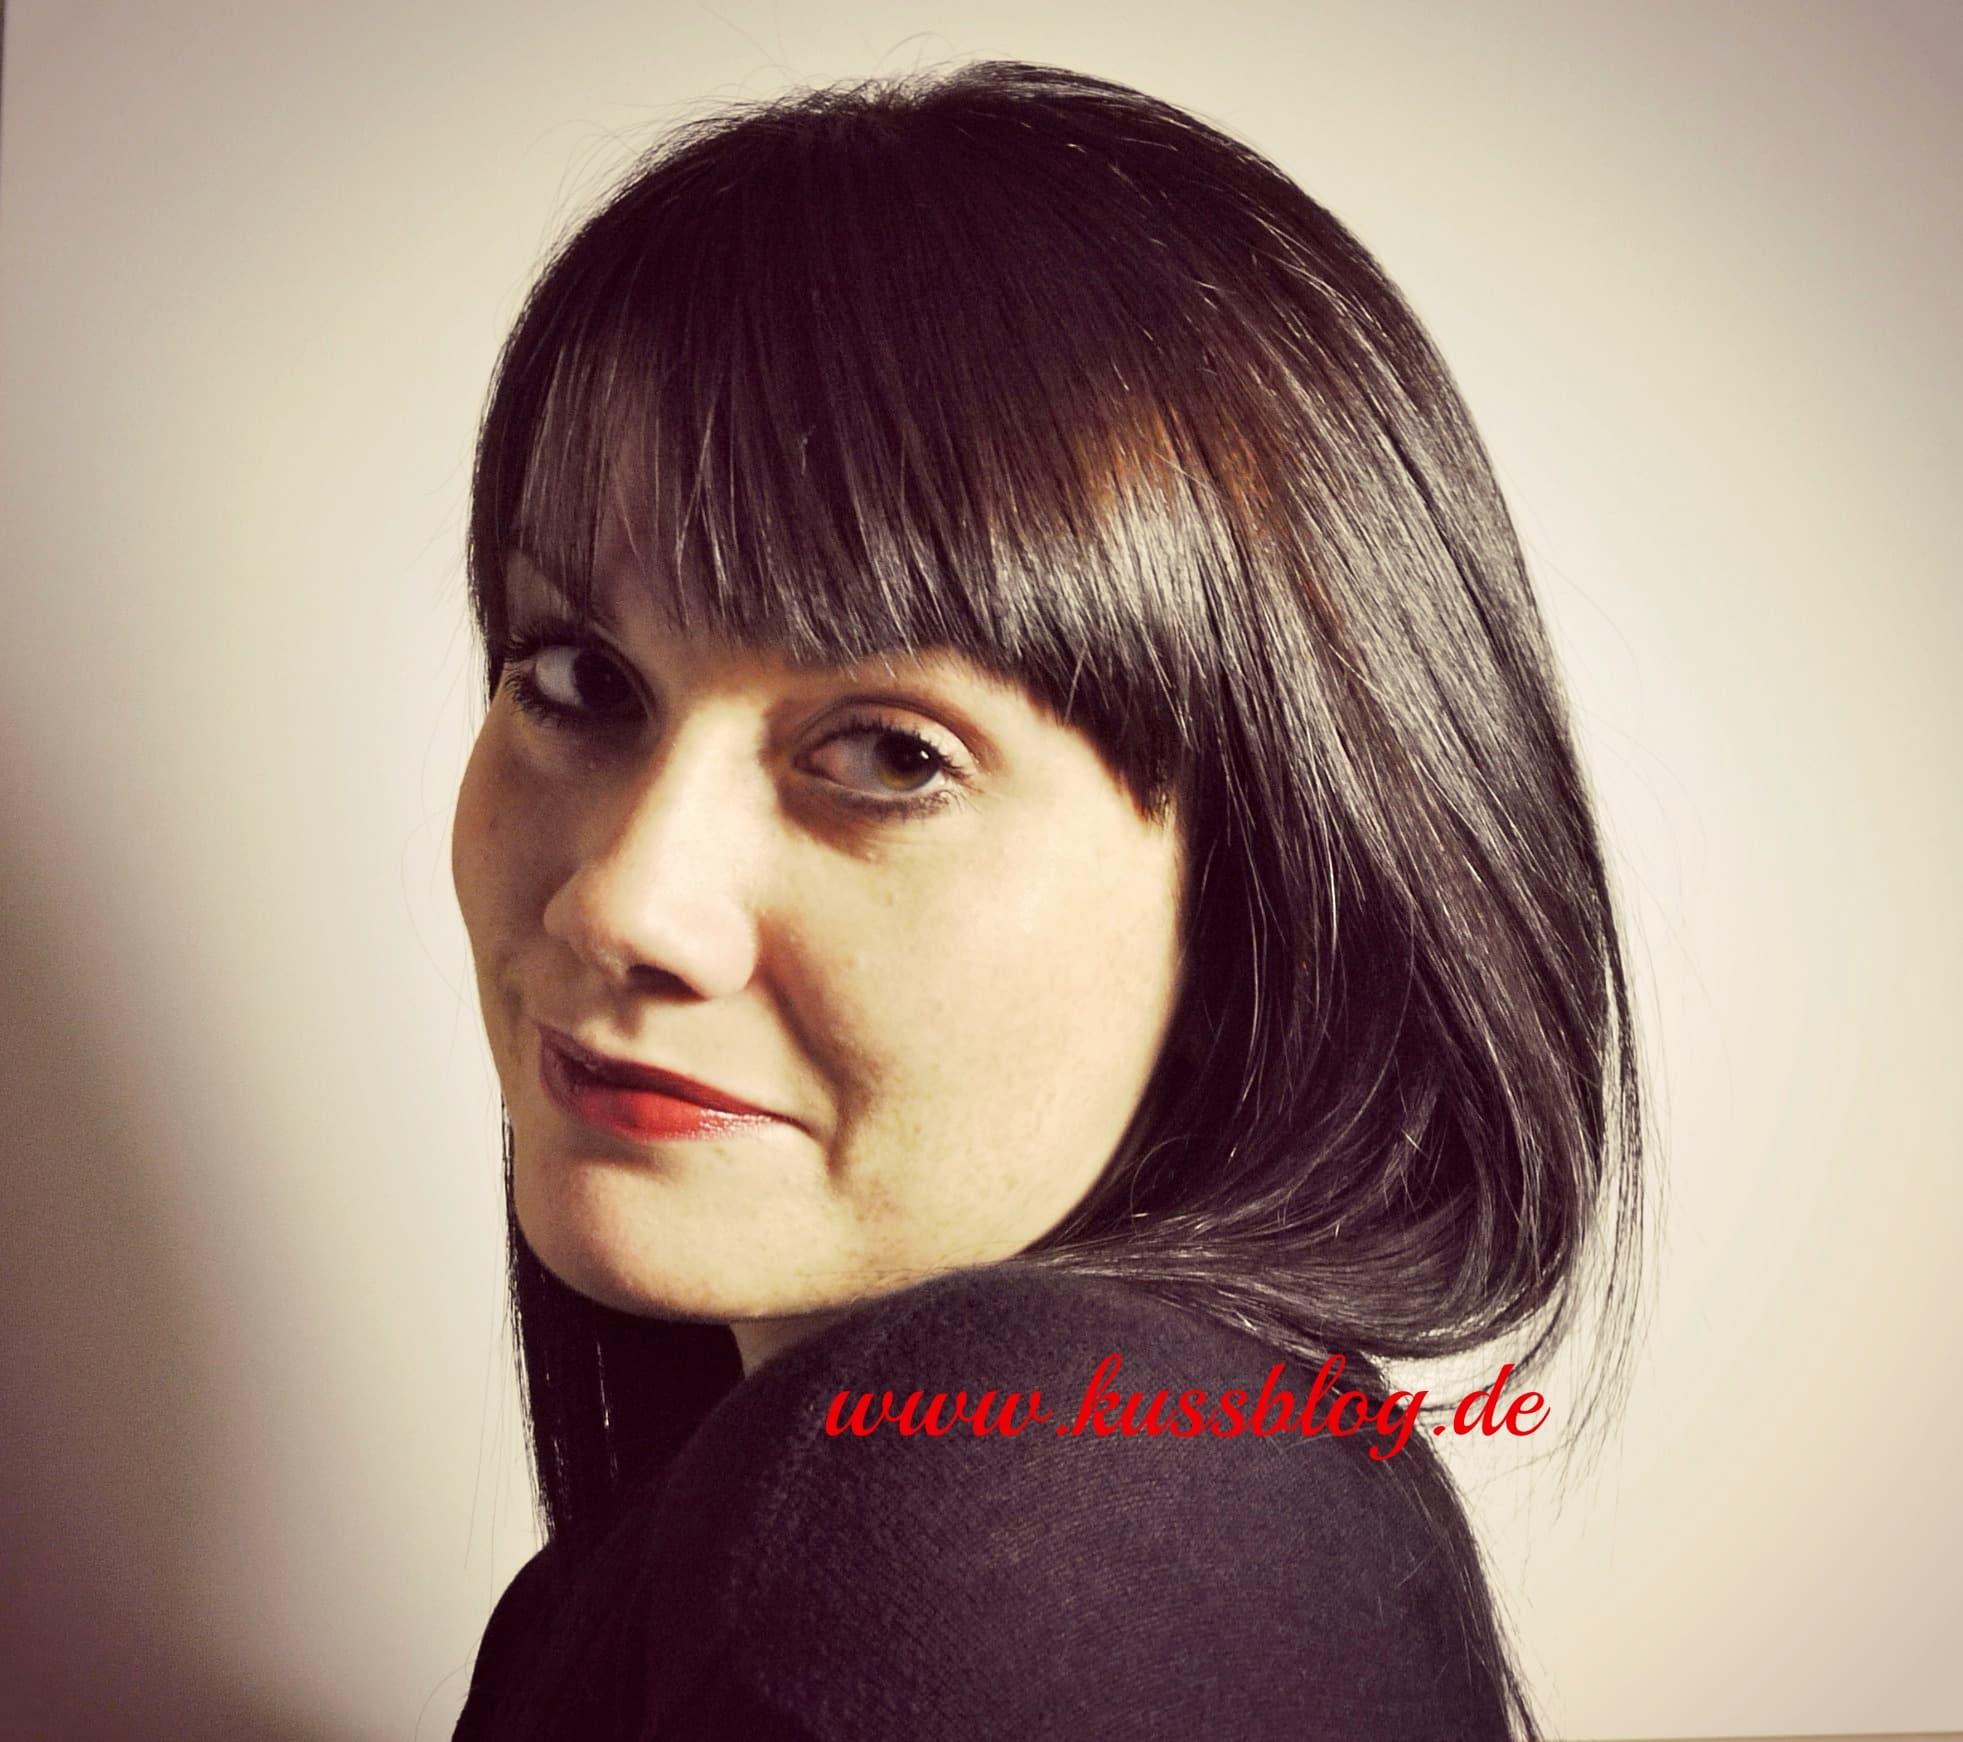 Bloggerinnen über die Liebe - KussBlog